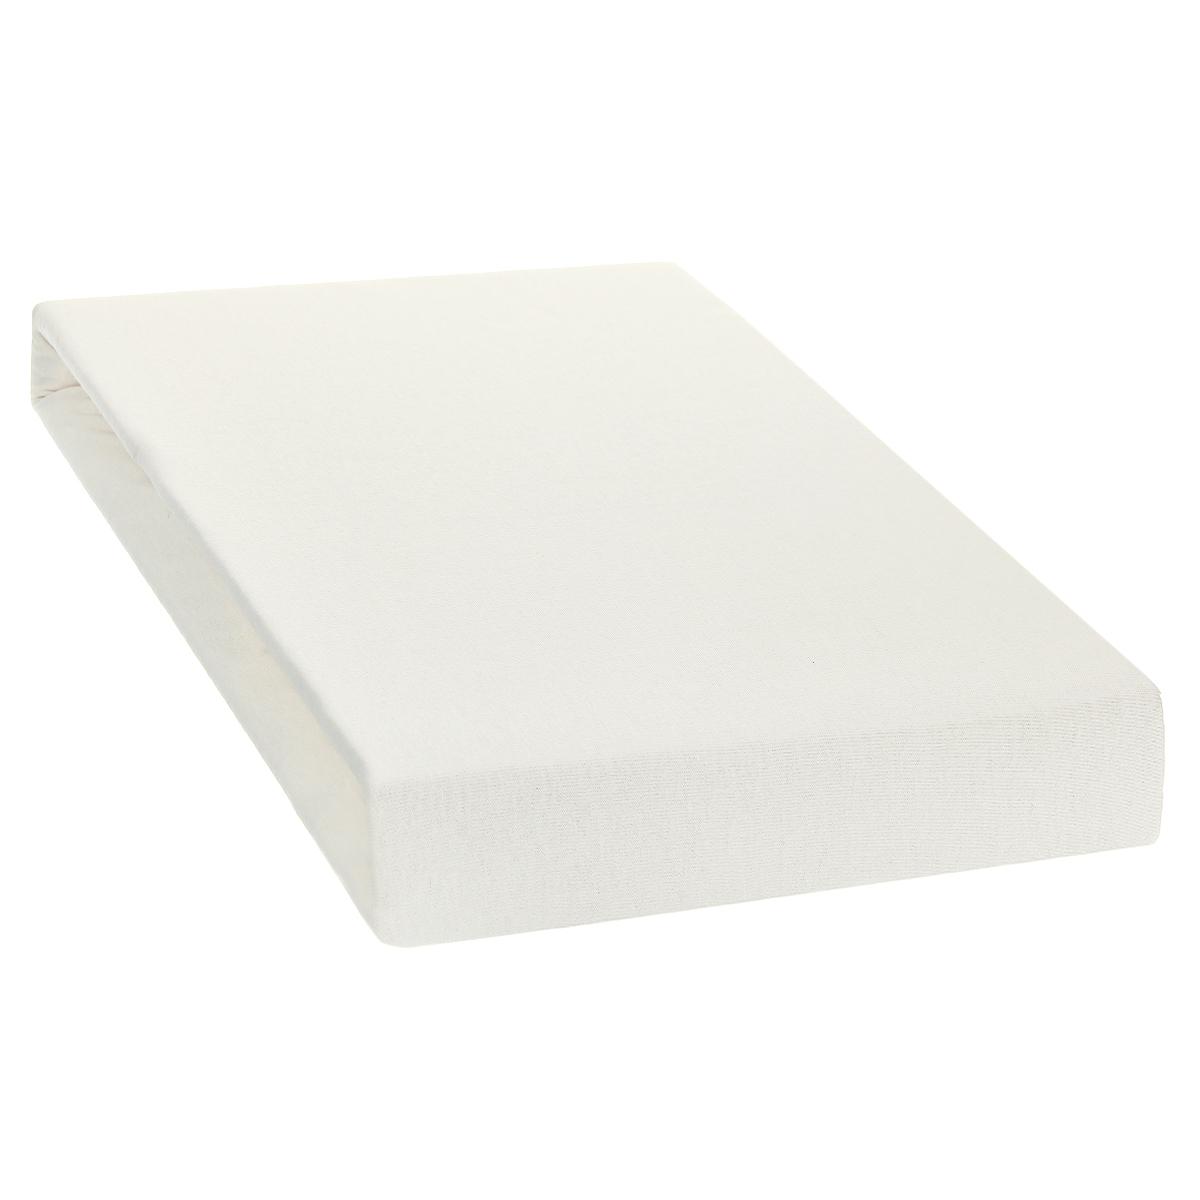 Простыня на резинке Tete-a-Tete, цвет: ваниль, 200 х 200 смТ-ПР-3083Однотонная простыня на резинке Tete-a-Tete выполнена из натурального хлопка. Высочайшее качество материала гарантирует безопасность не только взрослых, но и самых маленьких членов семьи. Простыня гармонично впишется в интерьер вашего дома и создаст атмосферу уюта и комфорта. Особенности коллекции Tete-a-Tete: - выдерживает более 100 стирок практически без изменения внешнего вида, - модные цвета и стойкие оттенки, - минимальная усадка, - надежные резинки и износостойкая ткань, - безупречное качество, - гиппоаллергенно. Коллекция Tete-a-Tete специально создана для практичных людей, которые ценят качество и долговечность вещей, окружают своих близких теплотой и заботой.